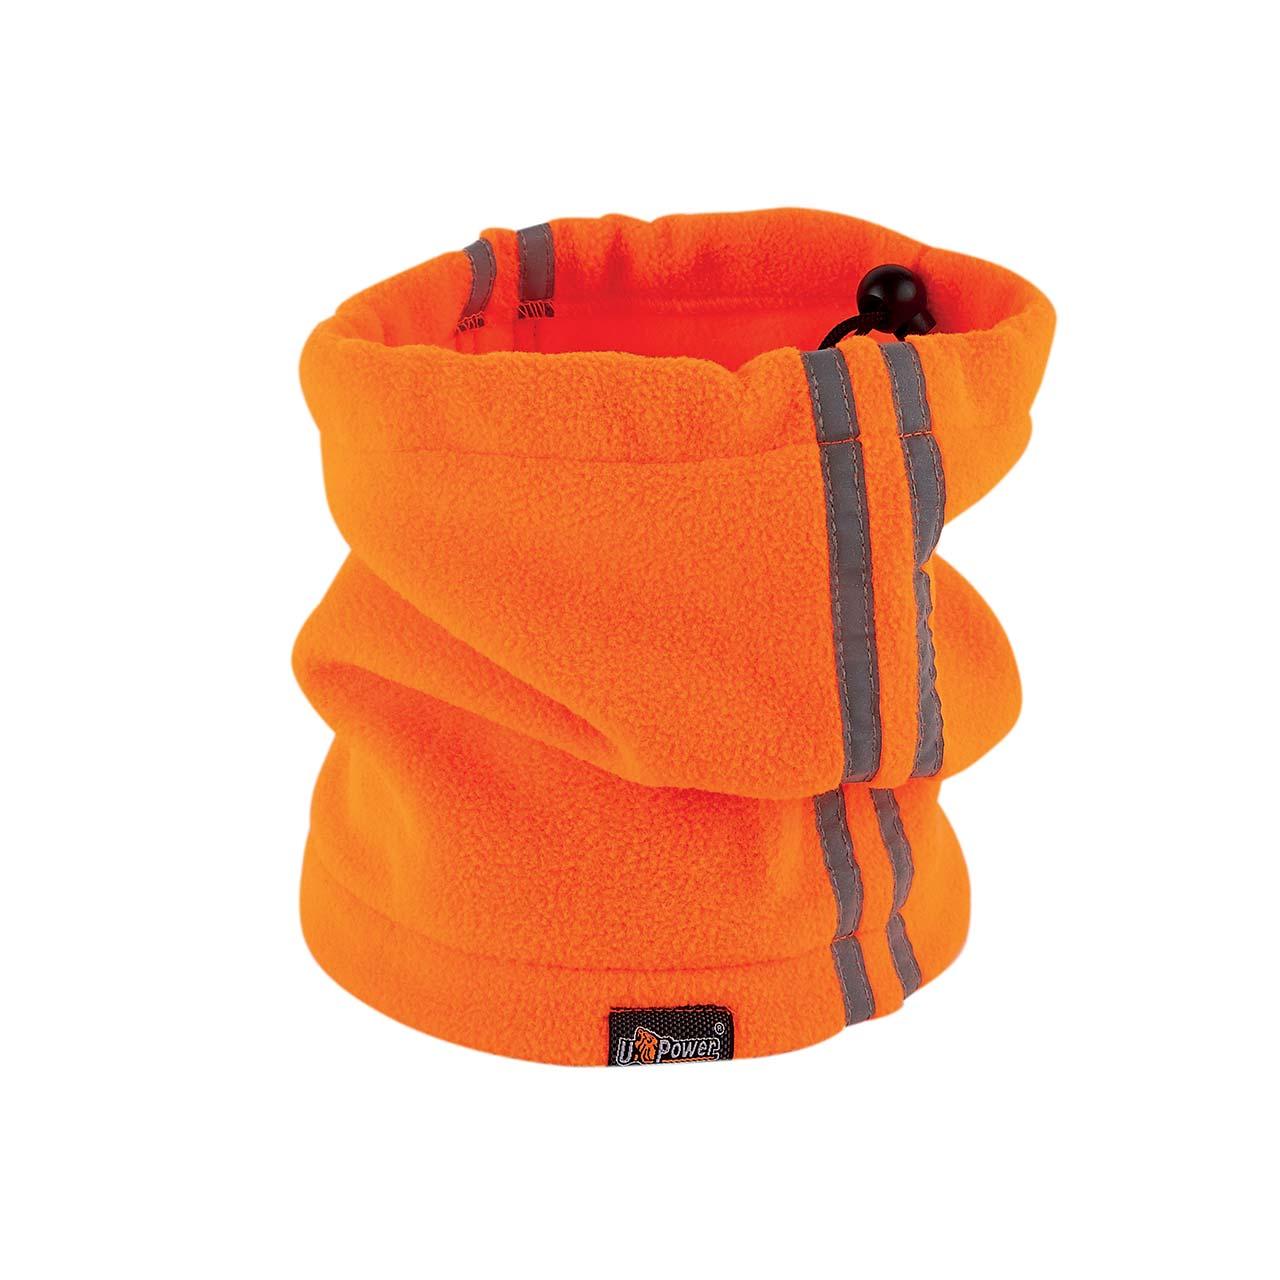 scaldacollo da lavoro upower colore orange fluo prodott